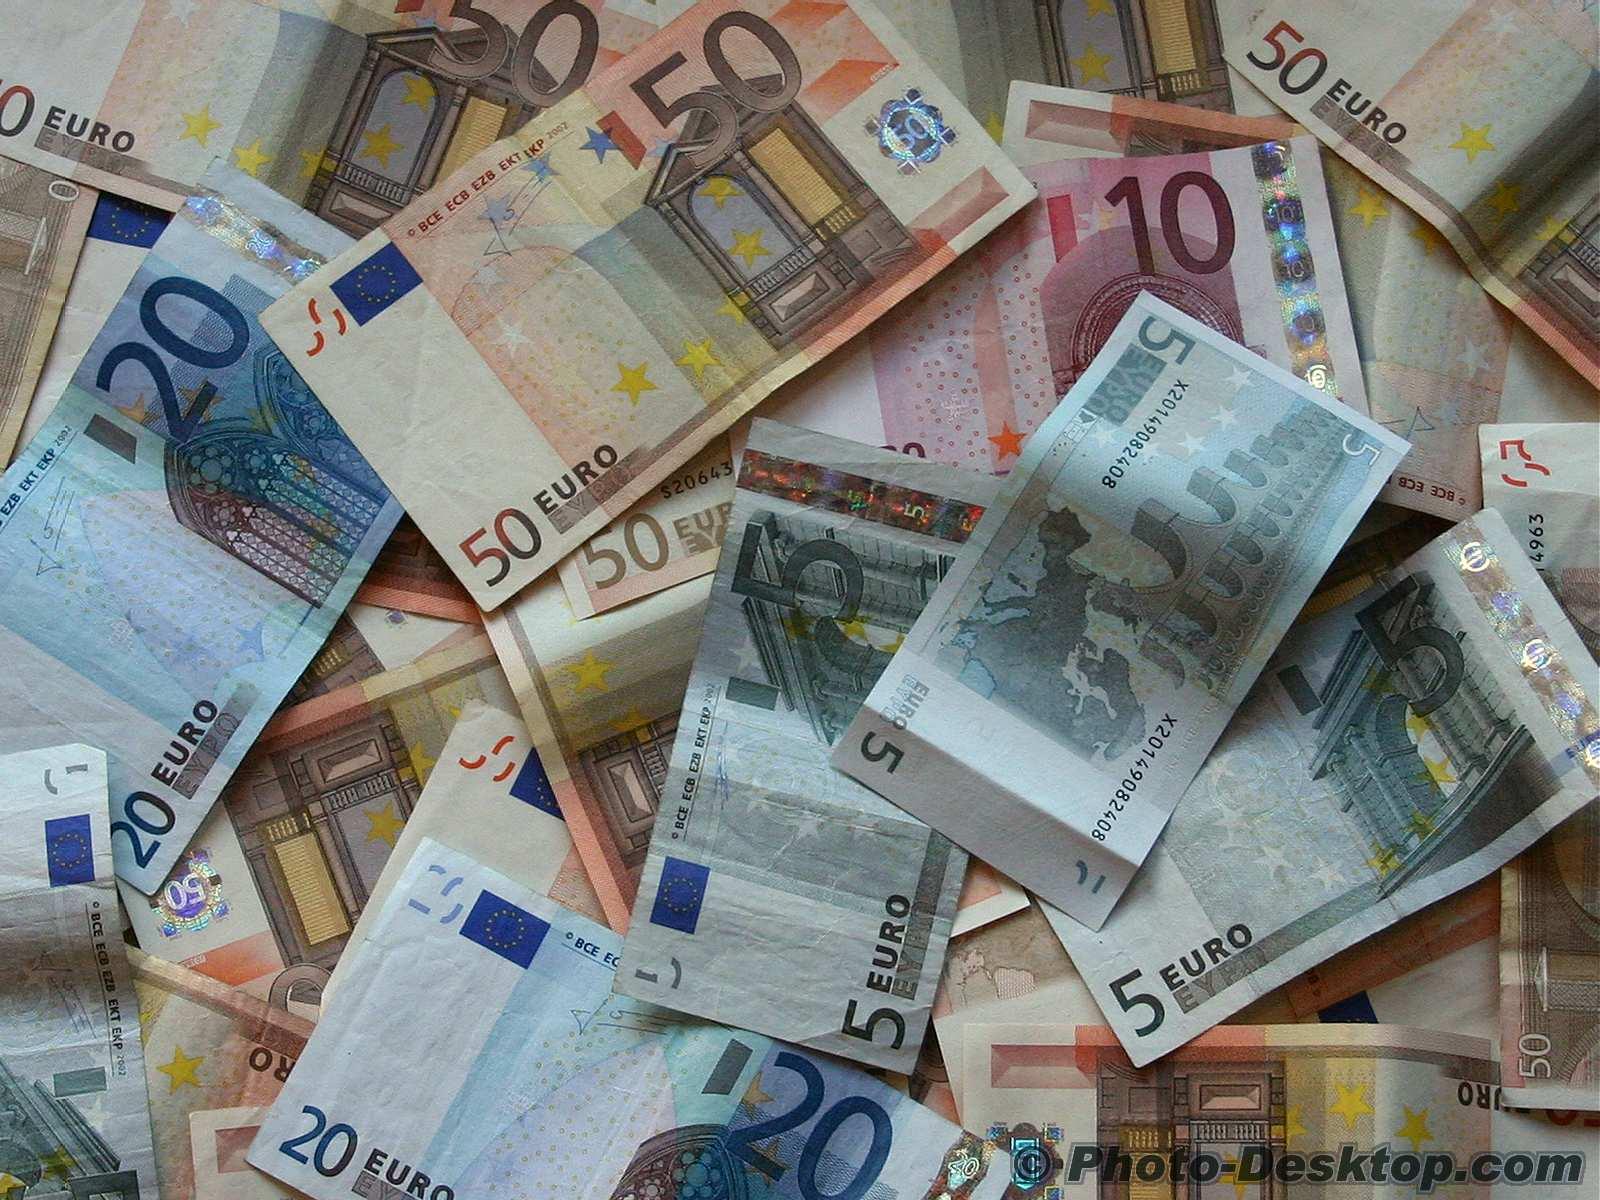 Evasione fiscale soldi